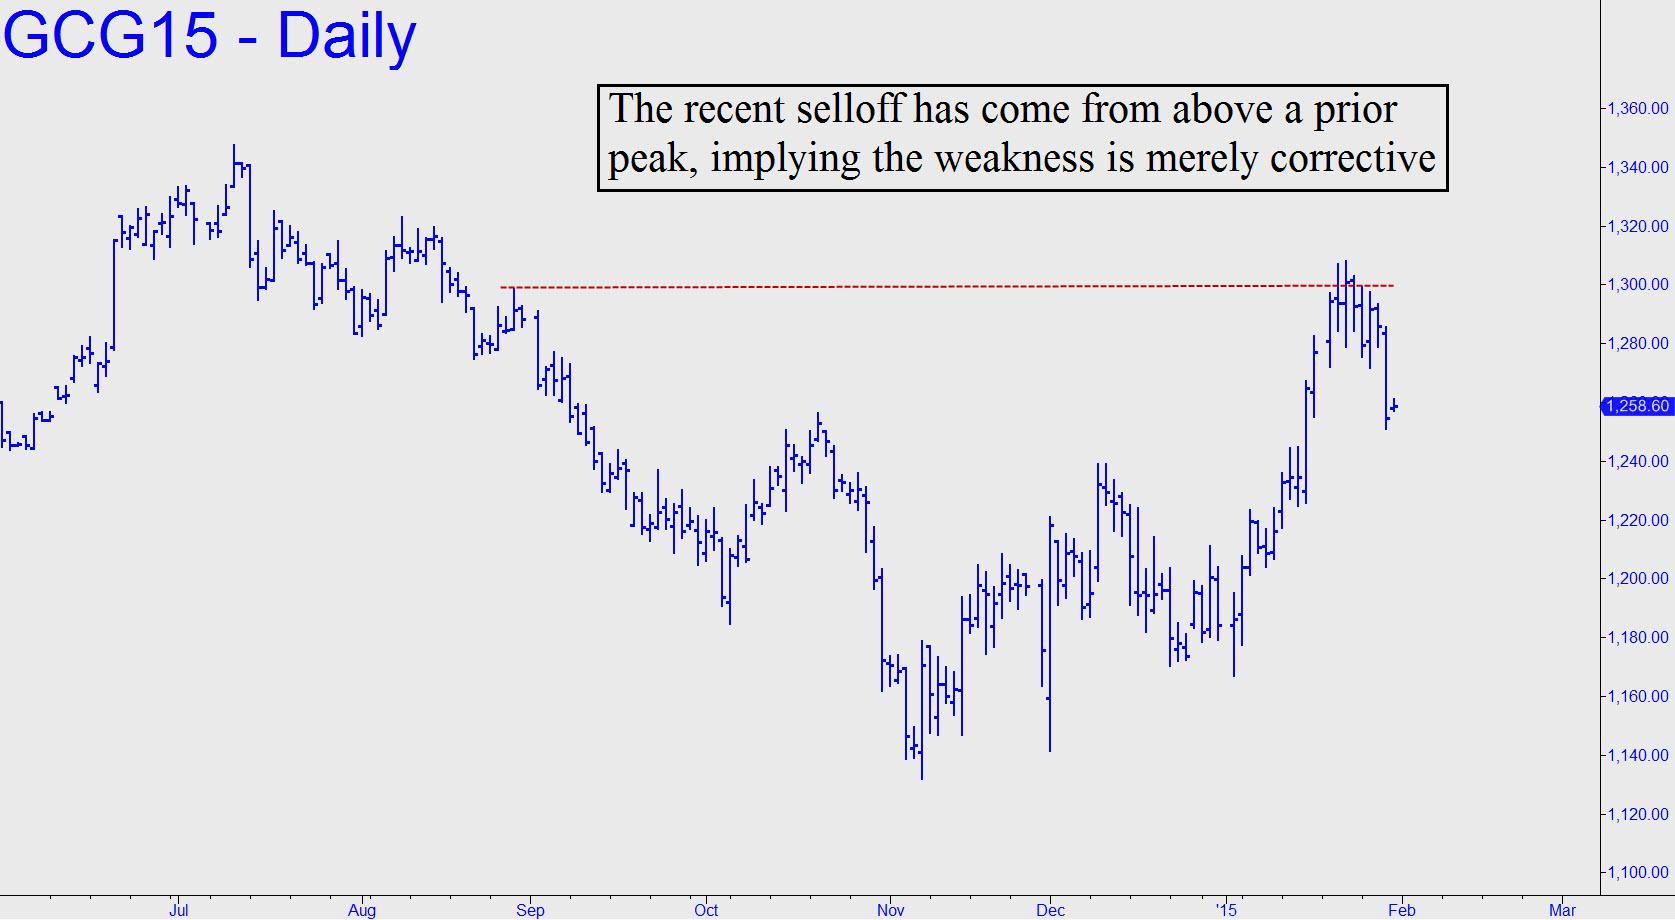 prix de l'or, de l'argent et des minières / suivi 2015 et ultérieurement Recent-selloff-in-GCG-looks-corrective